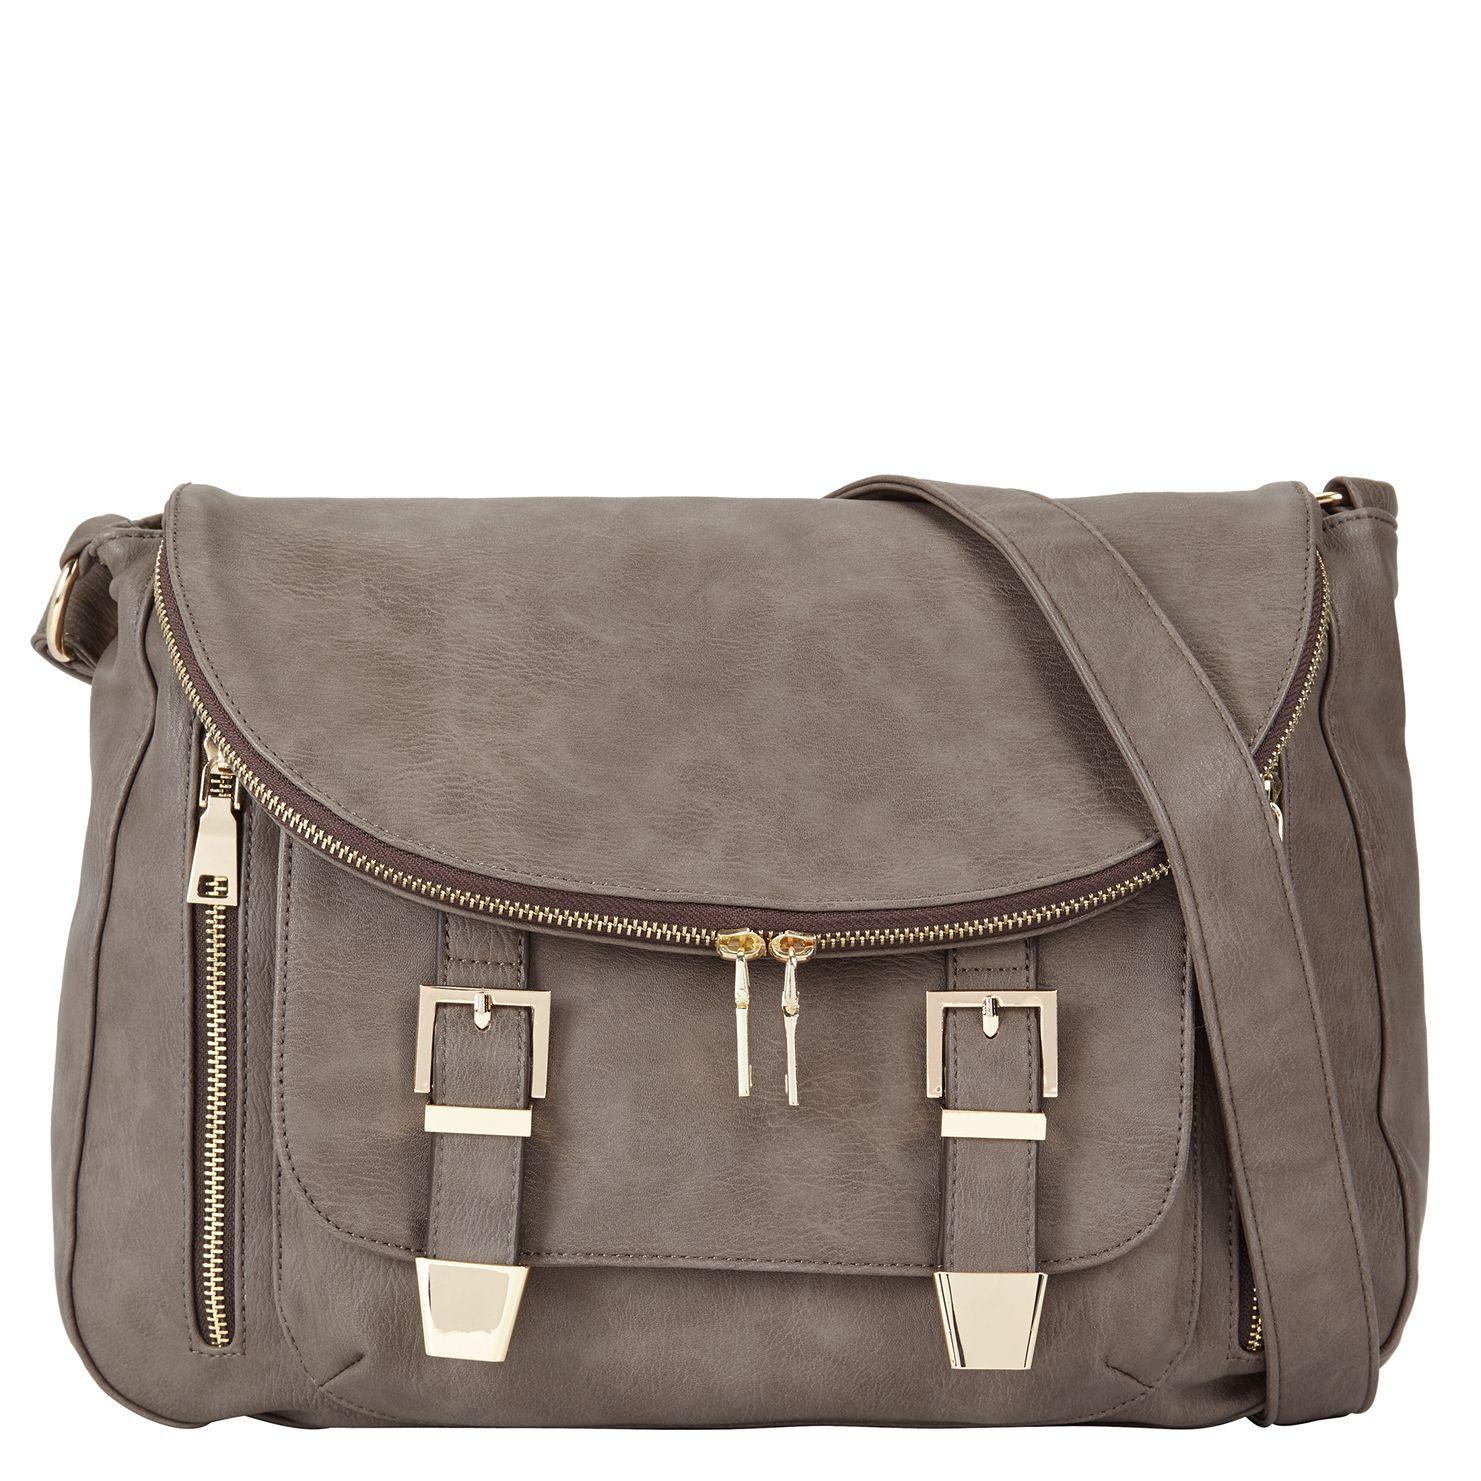 BAMAKO | Crossbody & Messenger Bags | Globo Canada | Cute bags ...